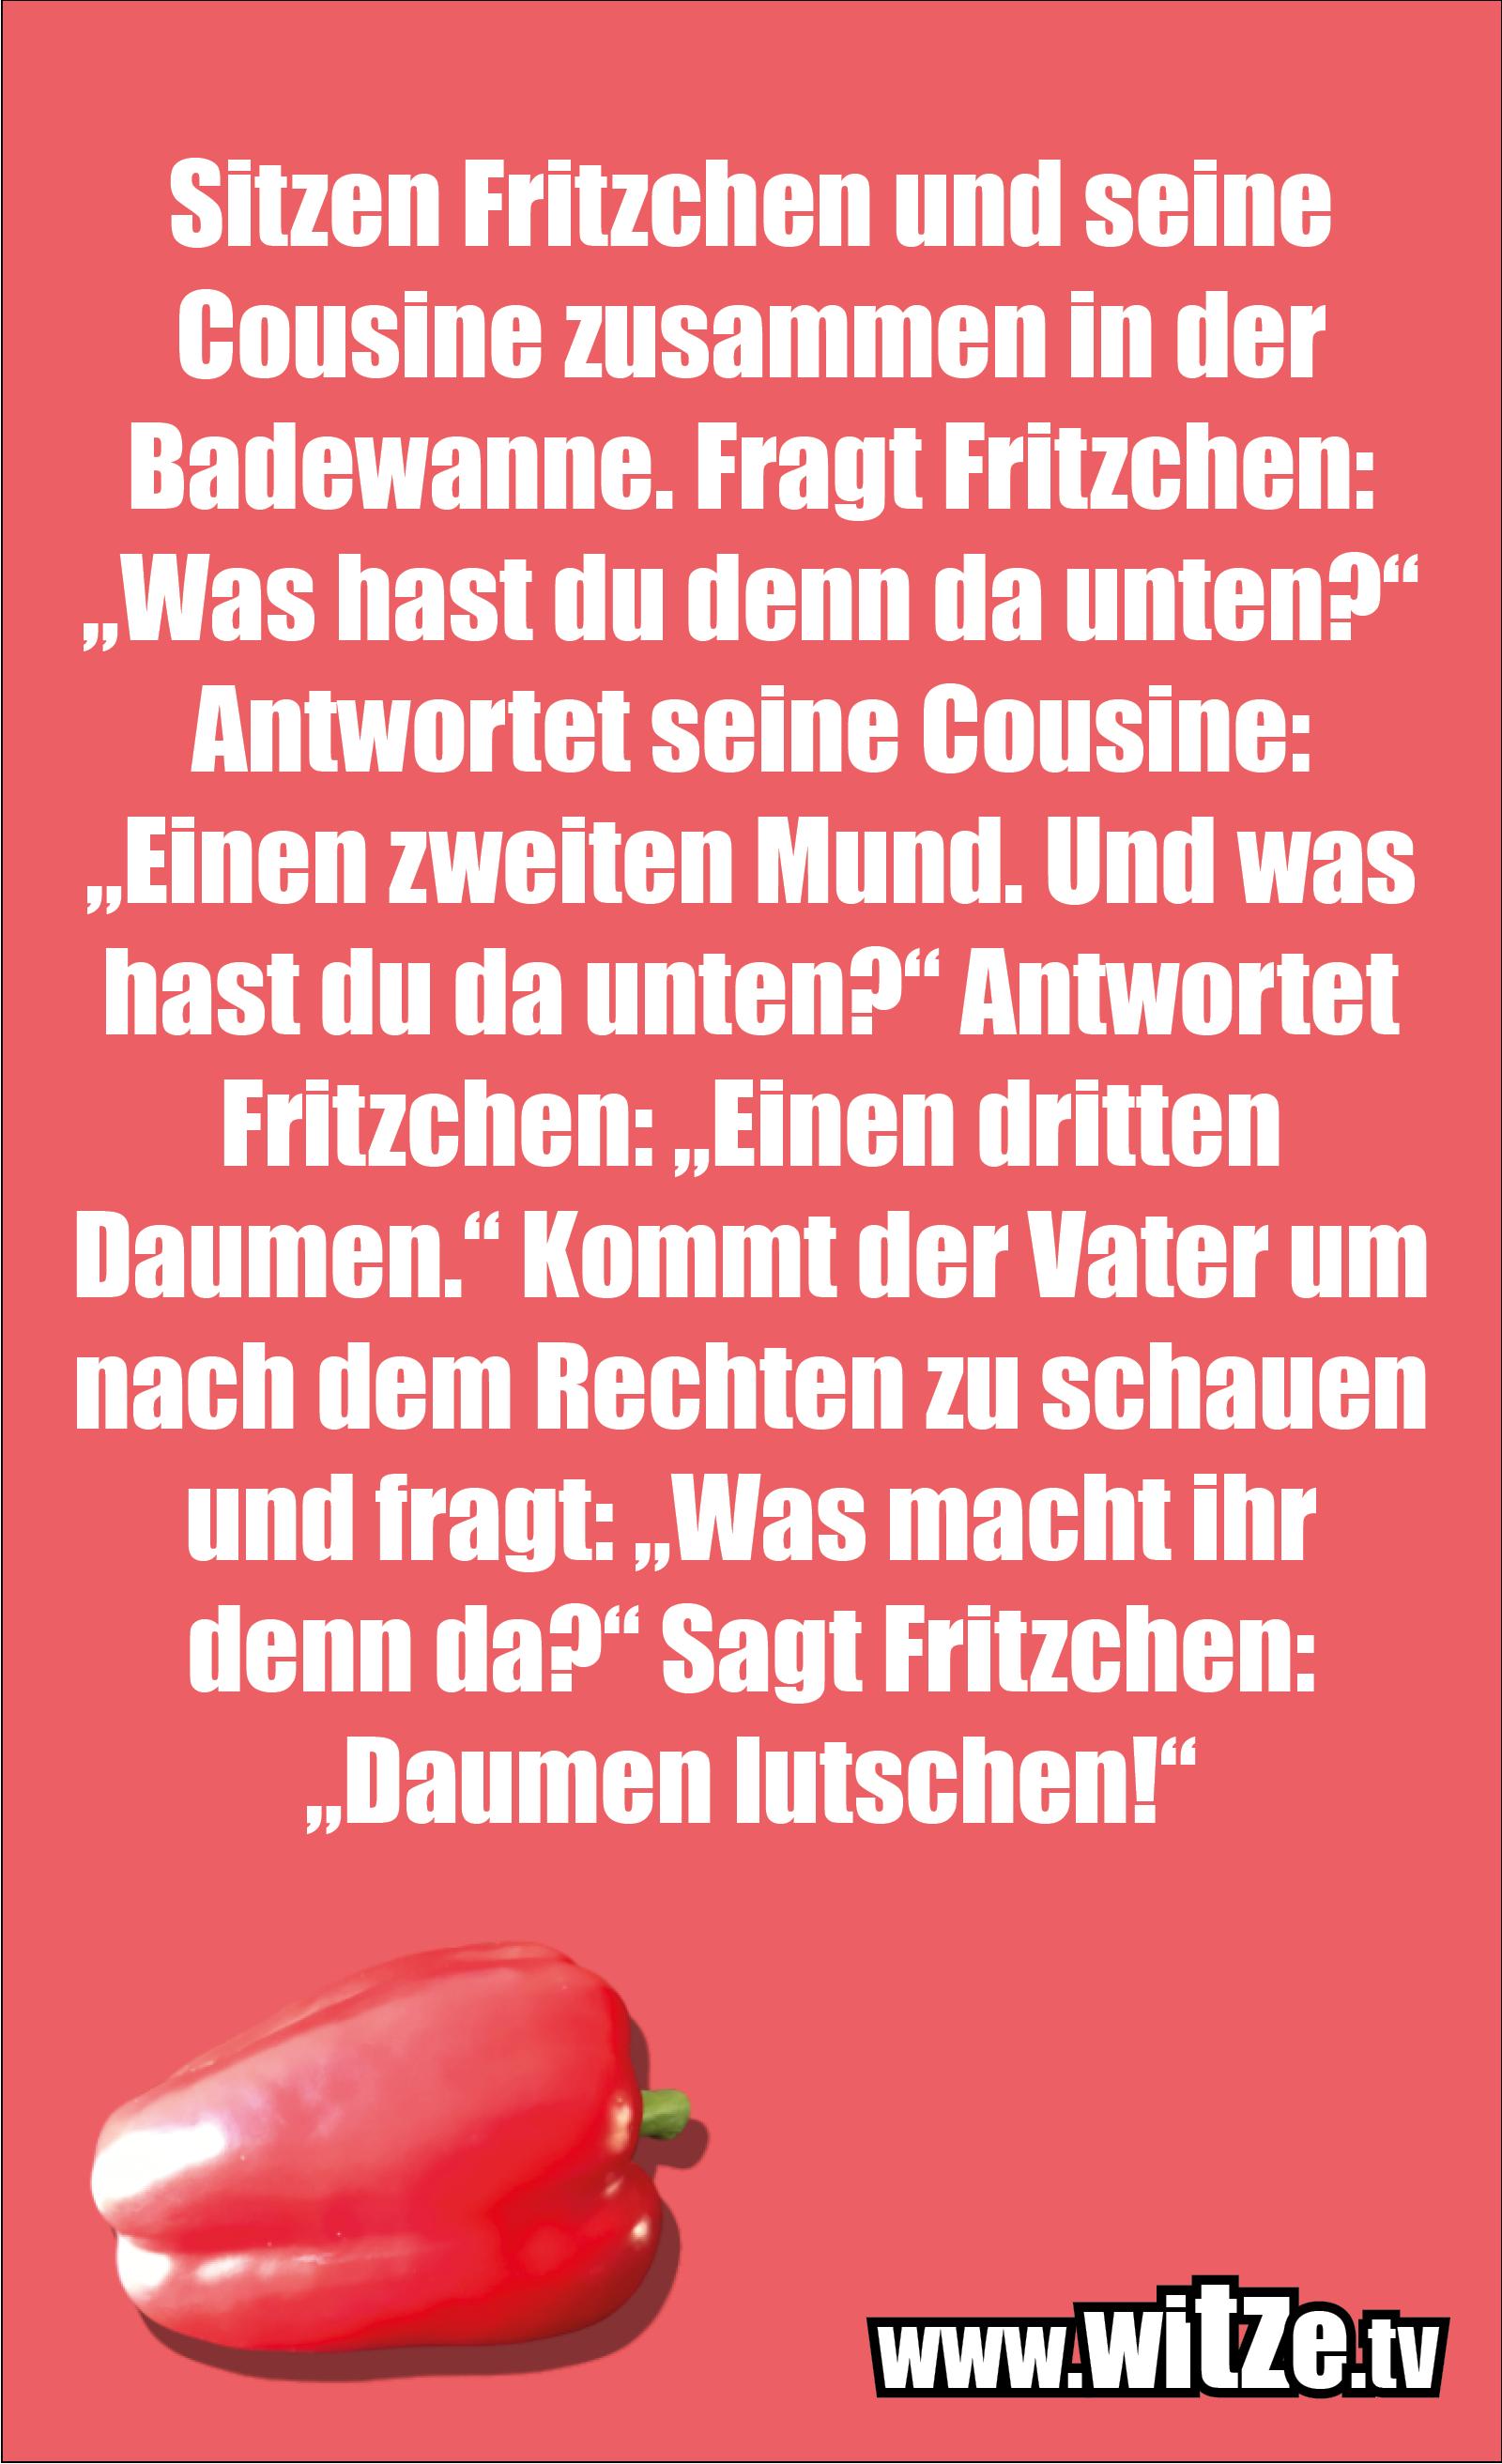 Witz über... Sitzen Fritzchen und seine Cousine...